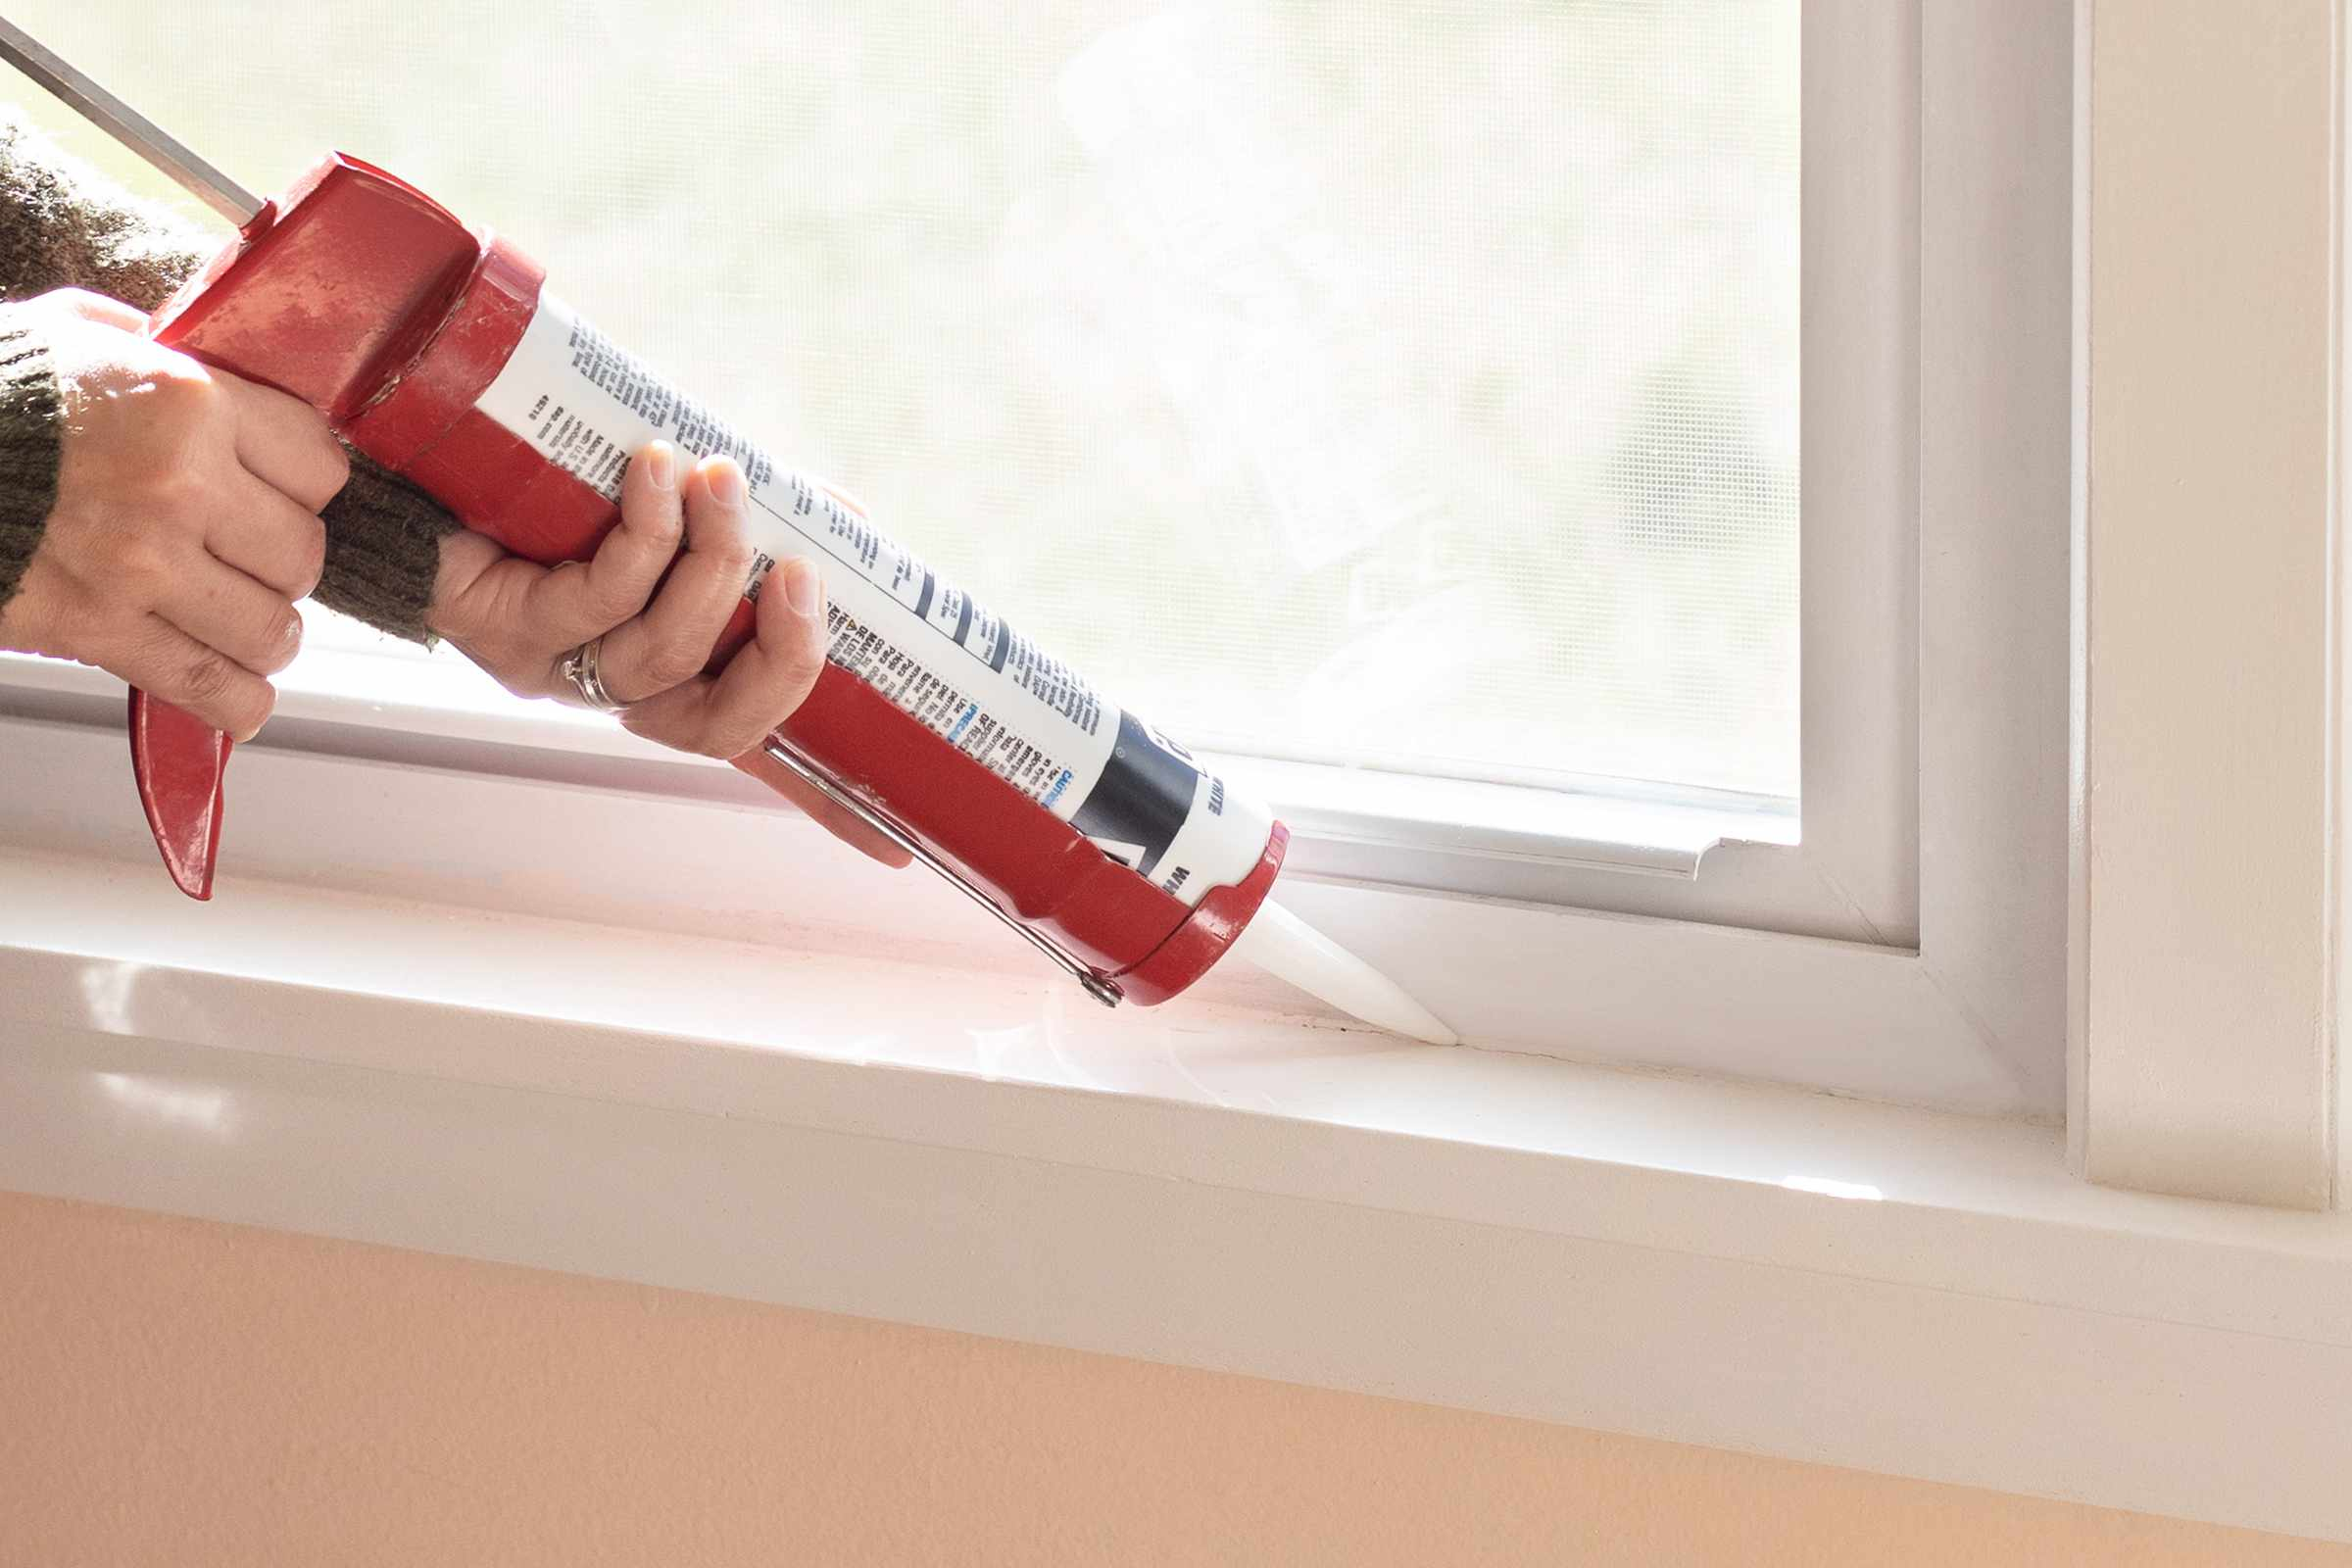 Interior crack near window being sealed with caulk gun